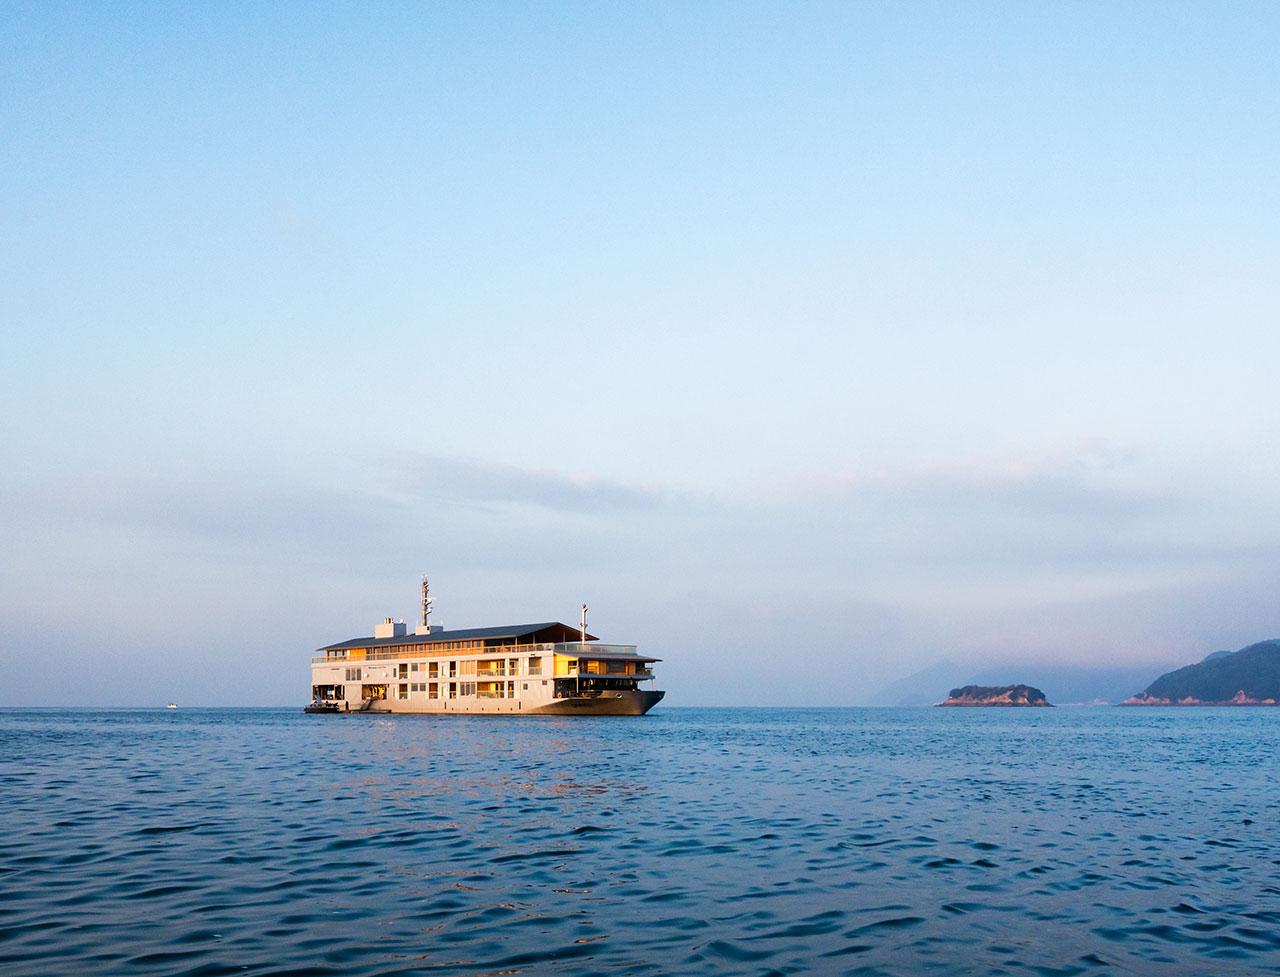 Photo by Tetsuya Ito.Courtesy of Setouchi Cruise.